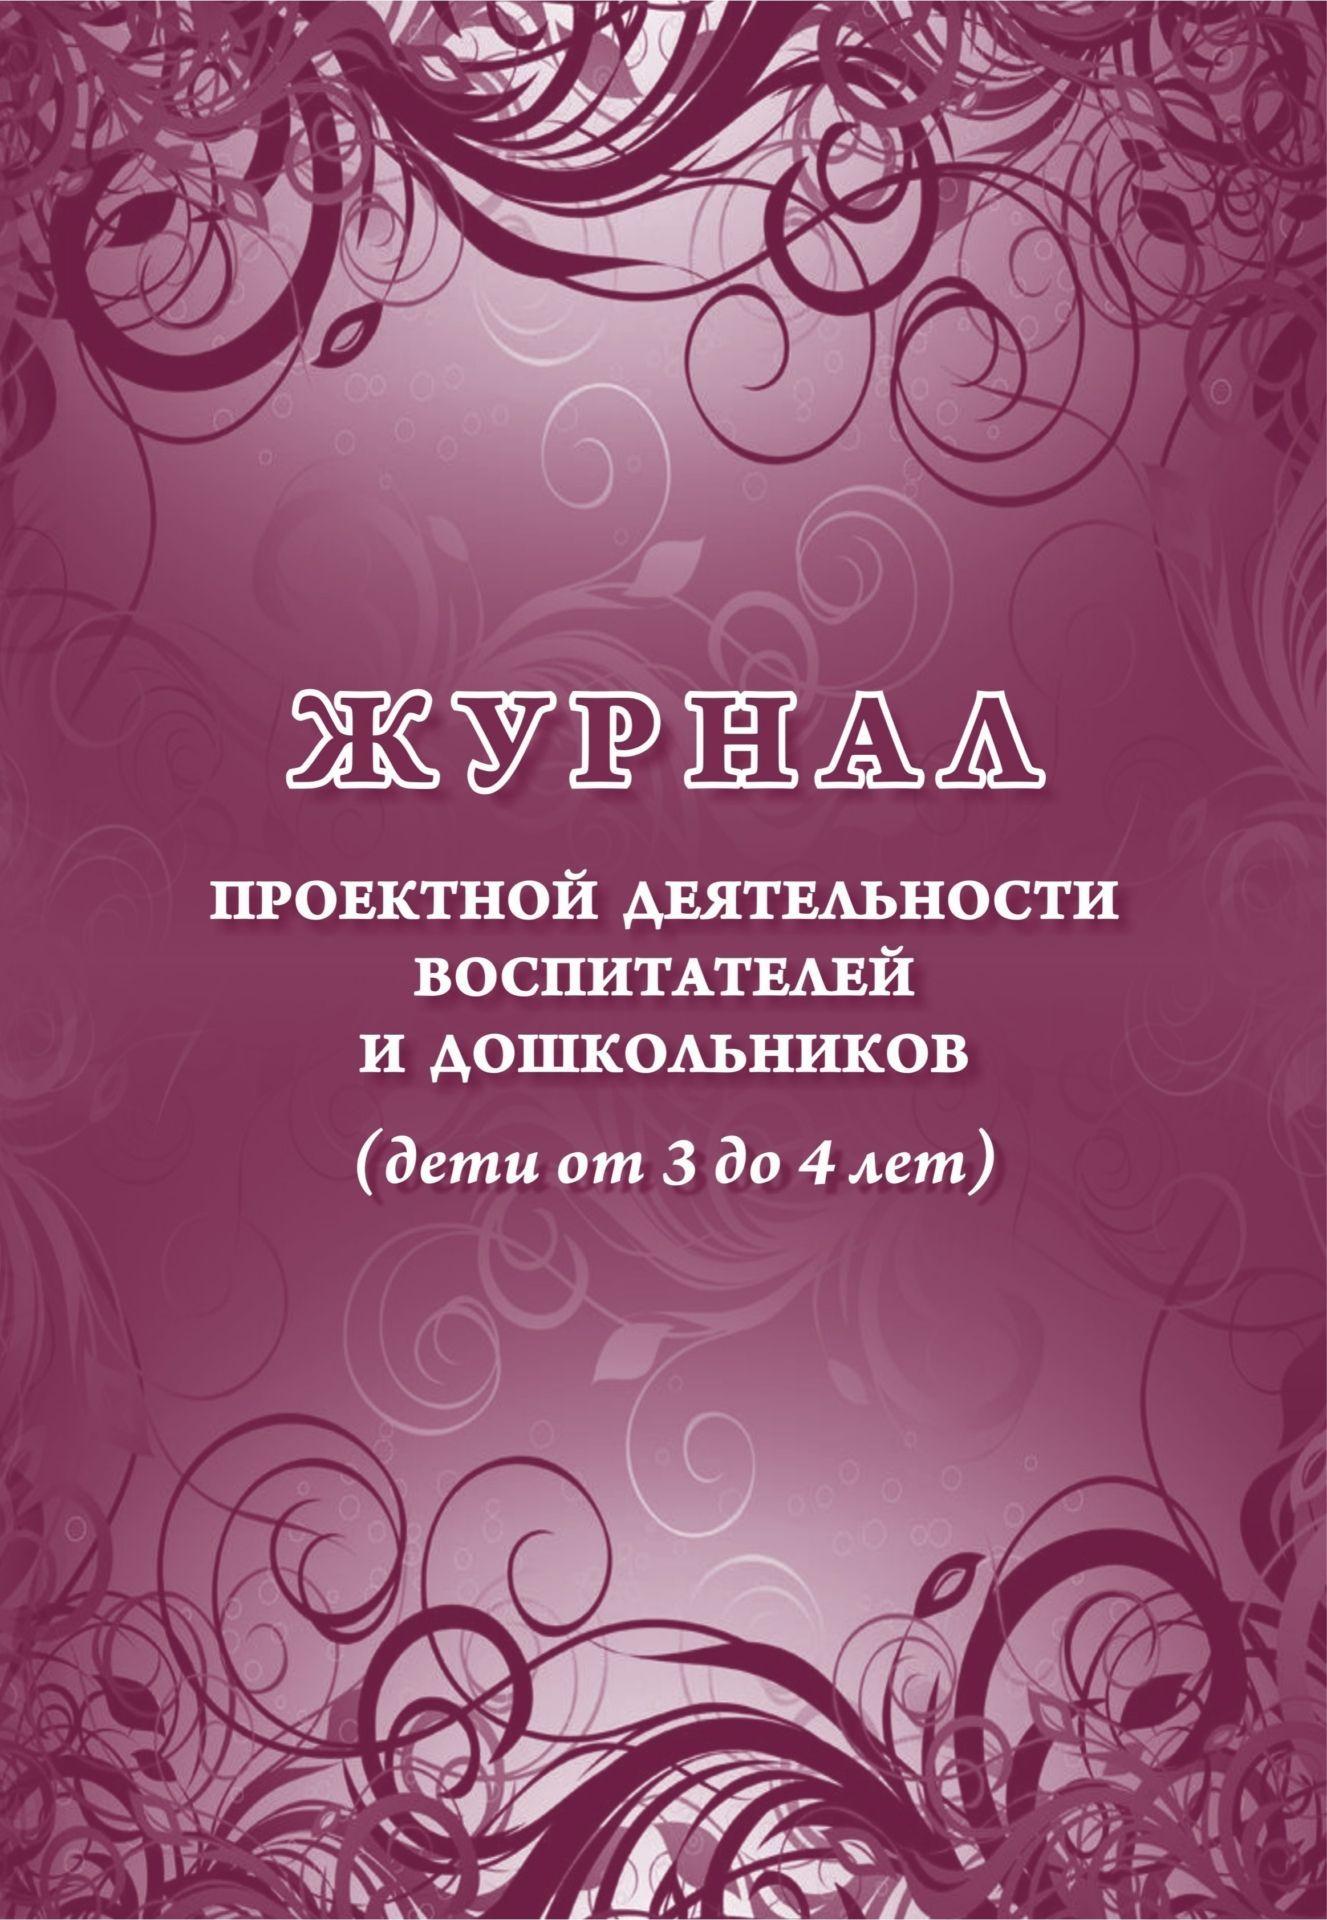 Журнал проектной деятельности воспитателей и дошкольников (дети от 3 до 4 лет)